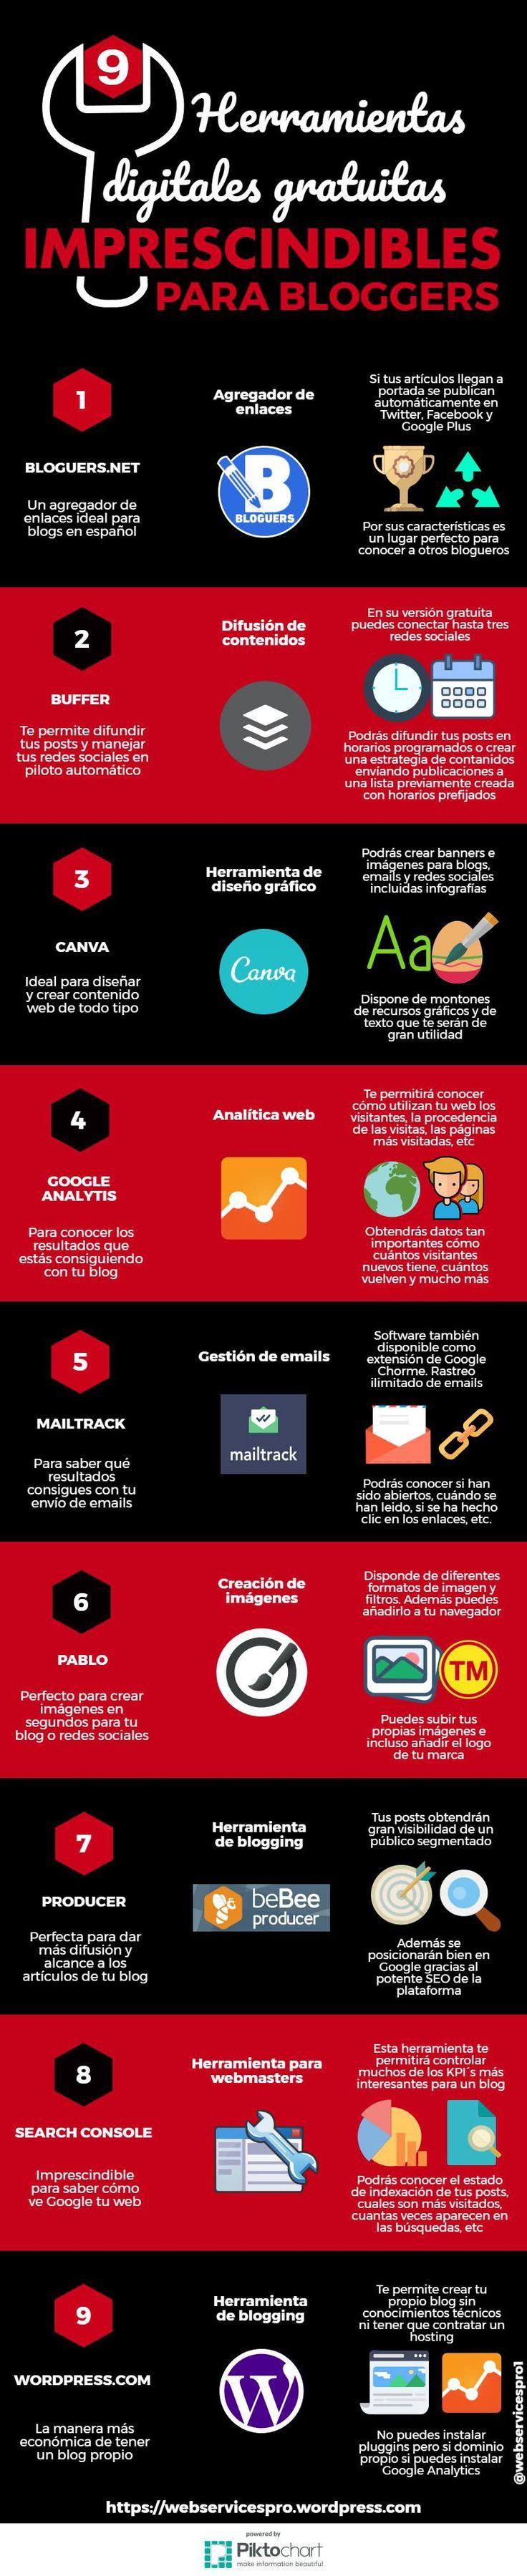 9 aplicaciones web para bloggers #SocialMedia #Blogging